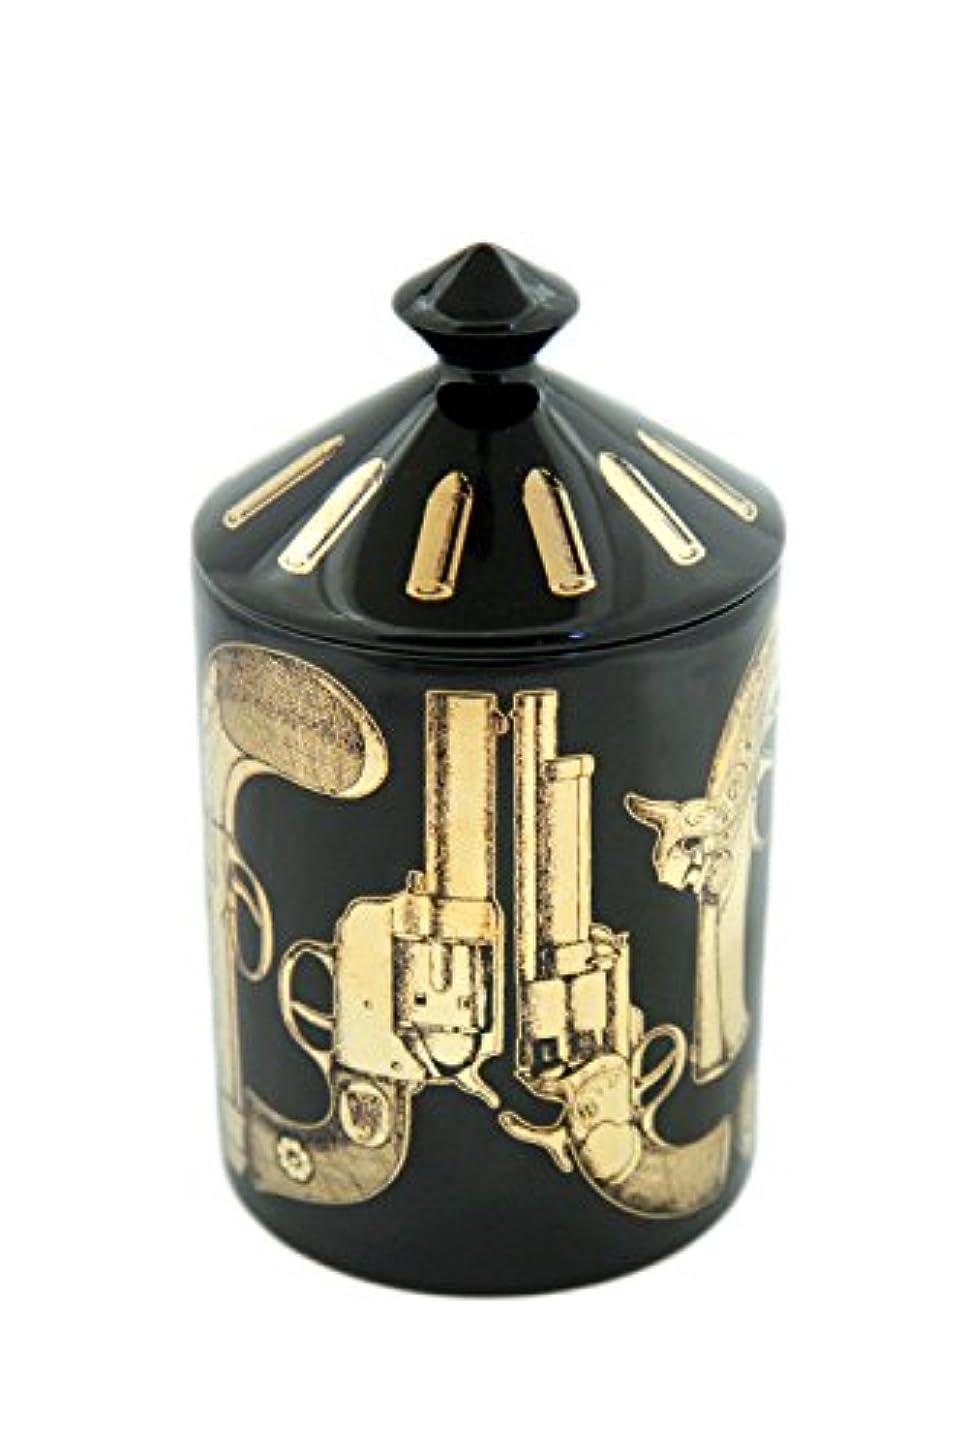 物足りないペインティング許可FORNASETTI PROFUMI フォルナセッティー プロフーミ  CANDLE キャンドル Pistole Nero Gold